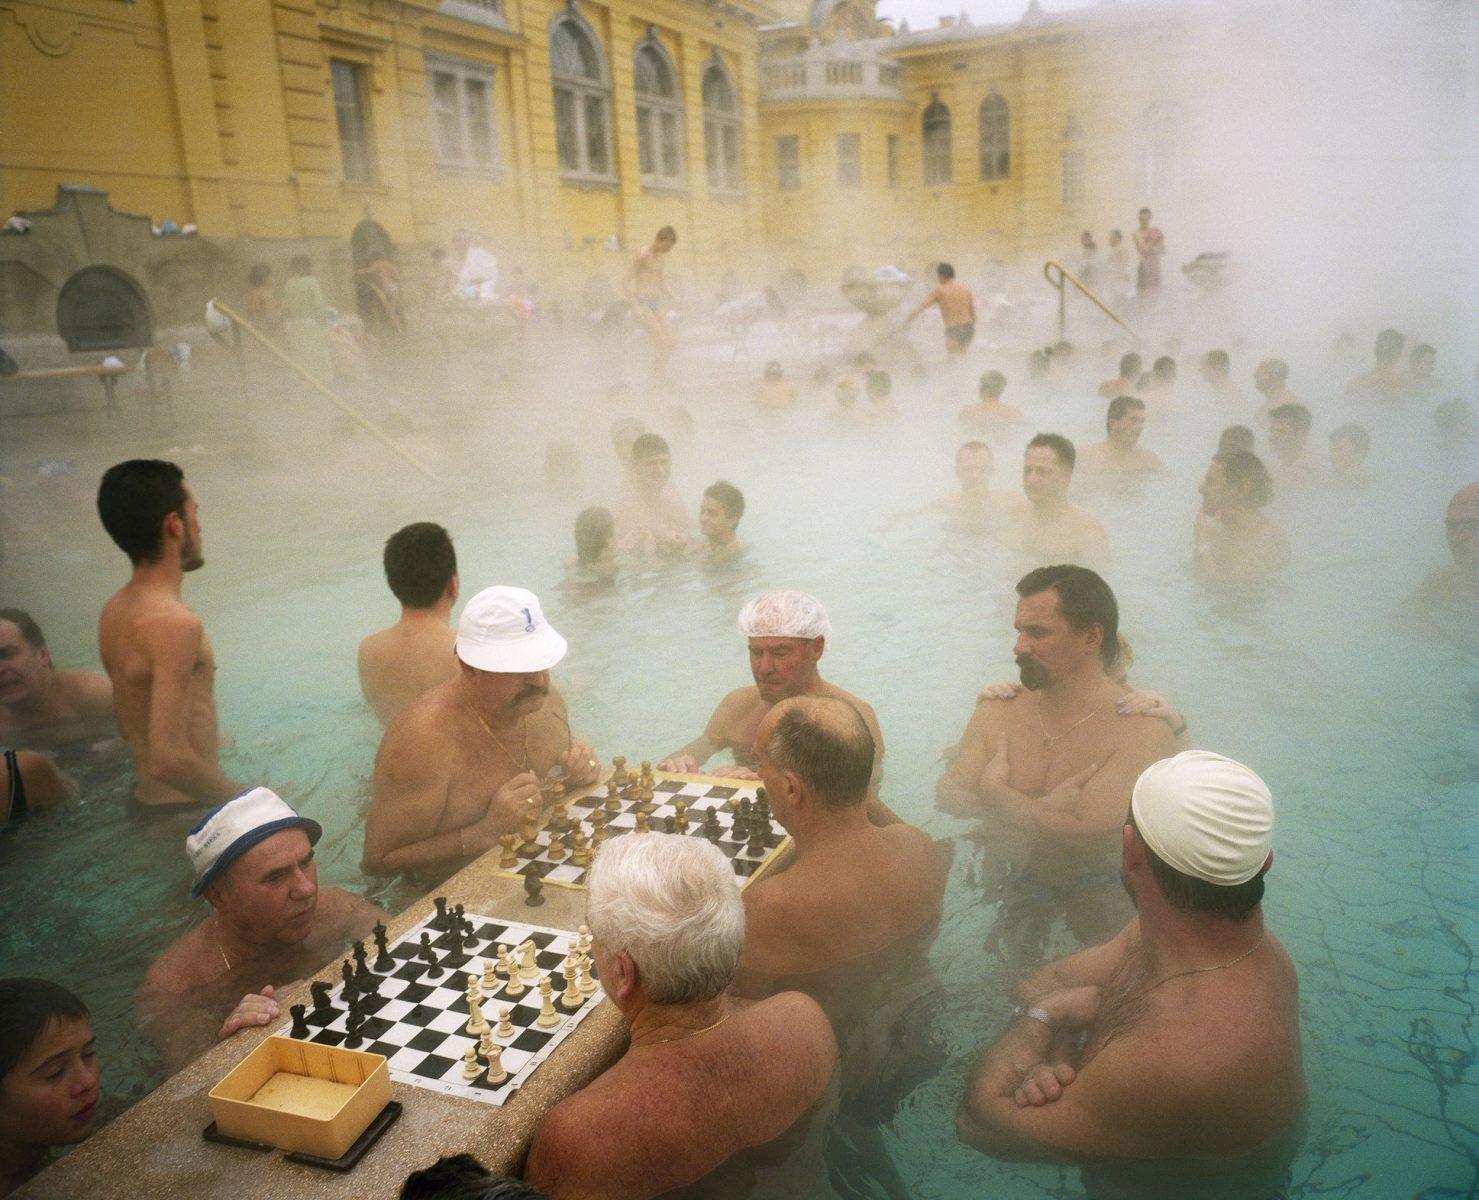 Photo couleur par Martin Parr hommes se baigner et jouer aux échecs aux thermes Szechenyi, Budapest, Hongrie, 1997